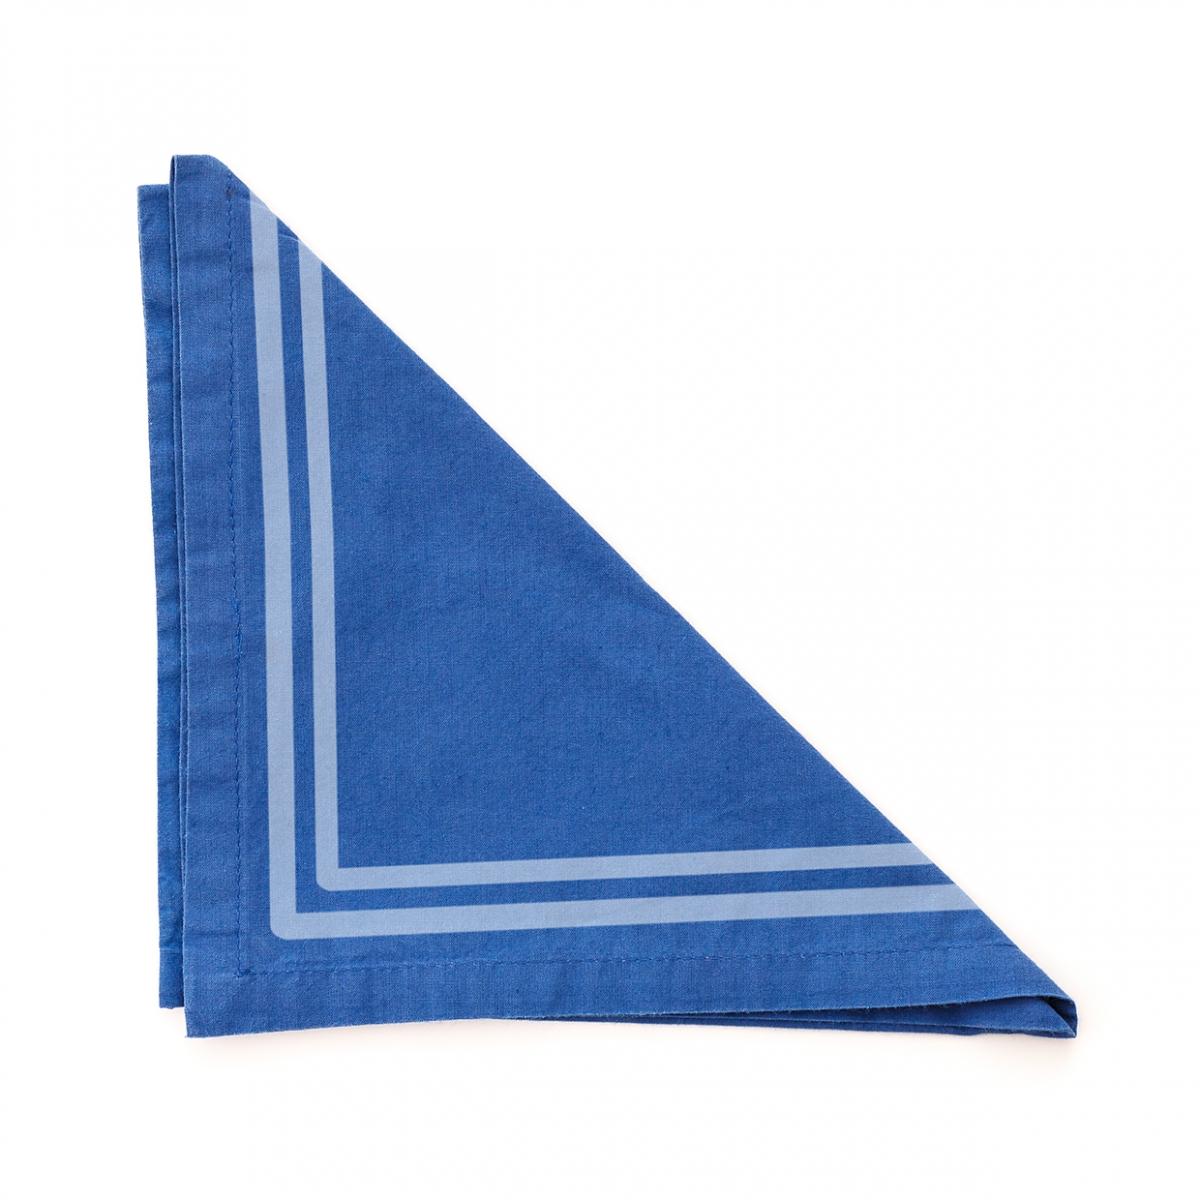 Imagen en la que se ve una servilleta de tela de color azul